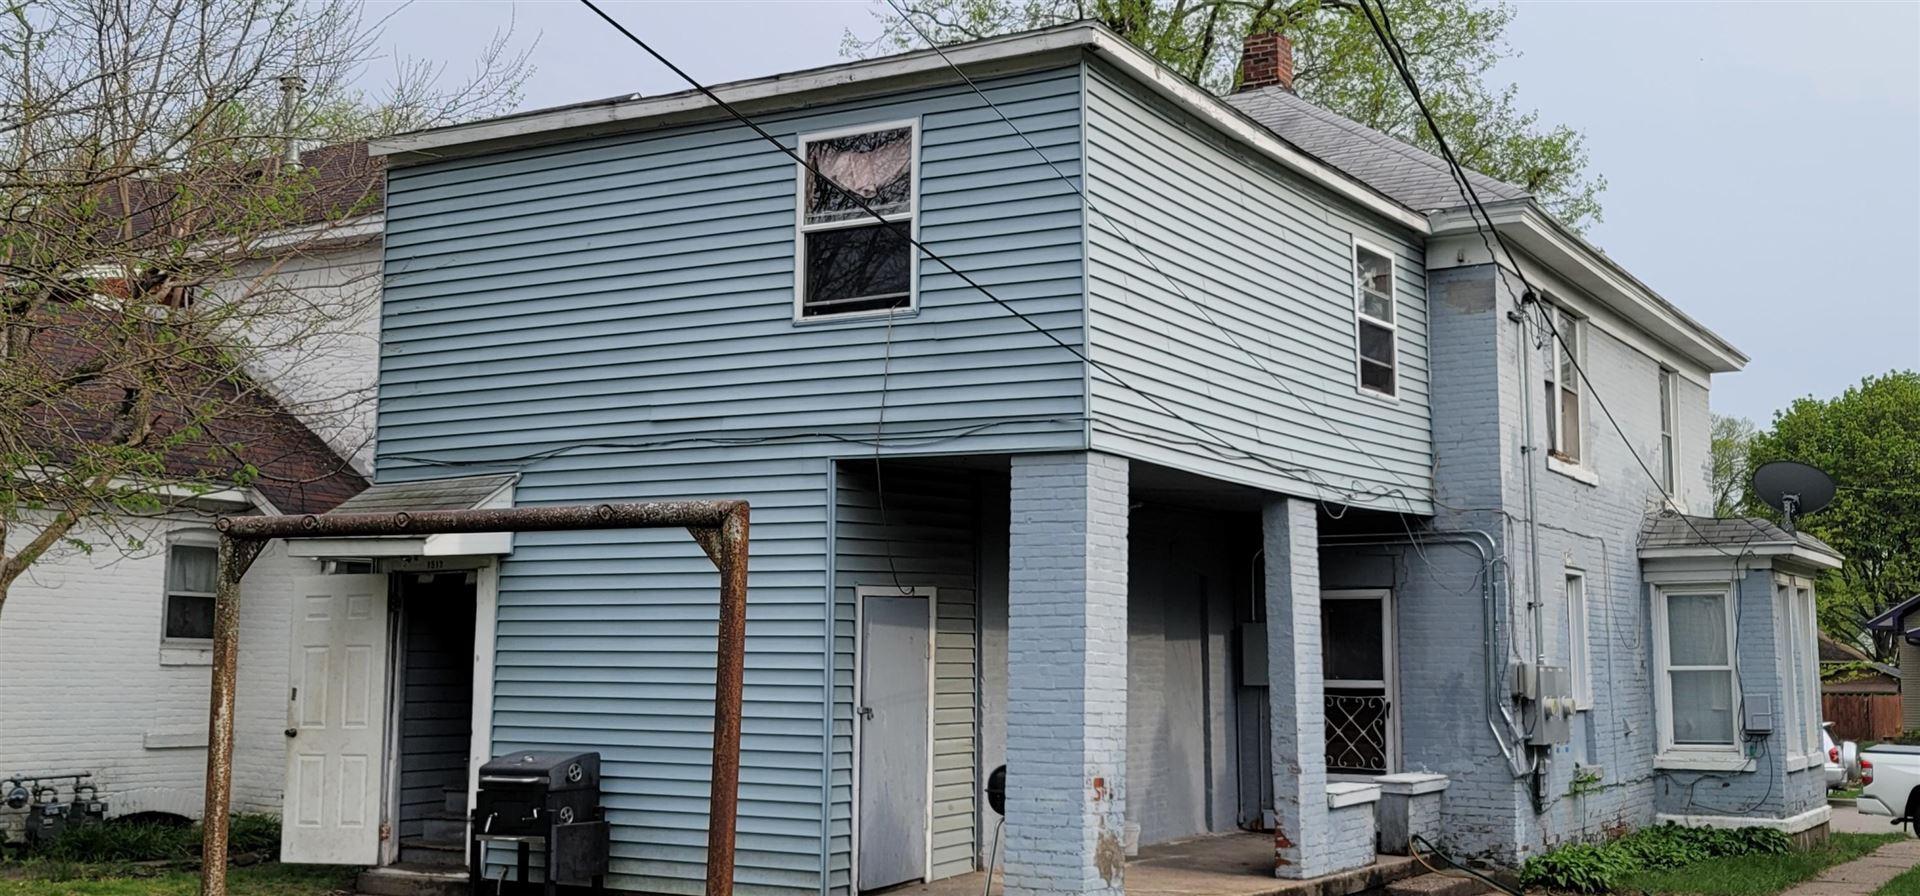 1515-1517 Johnson St, La Crosse, WI 54601 - MLS#: 1738405